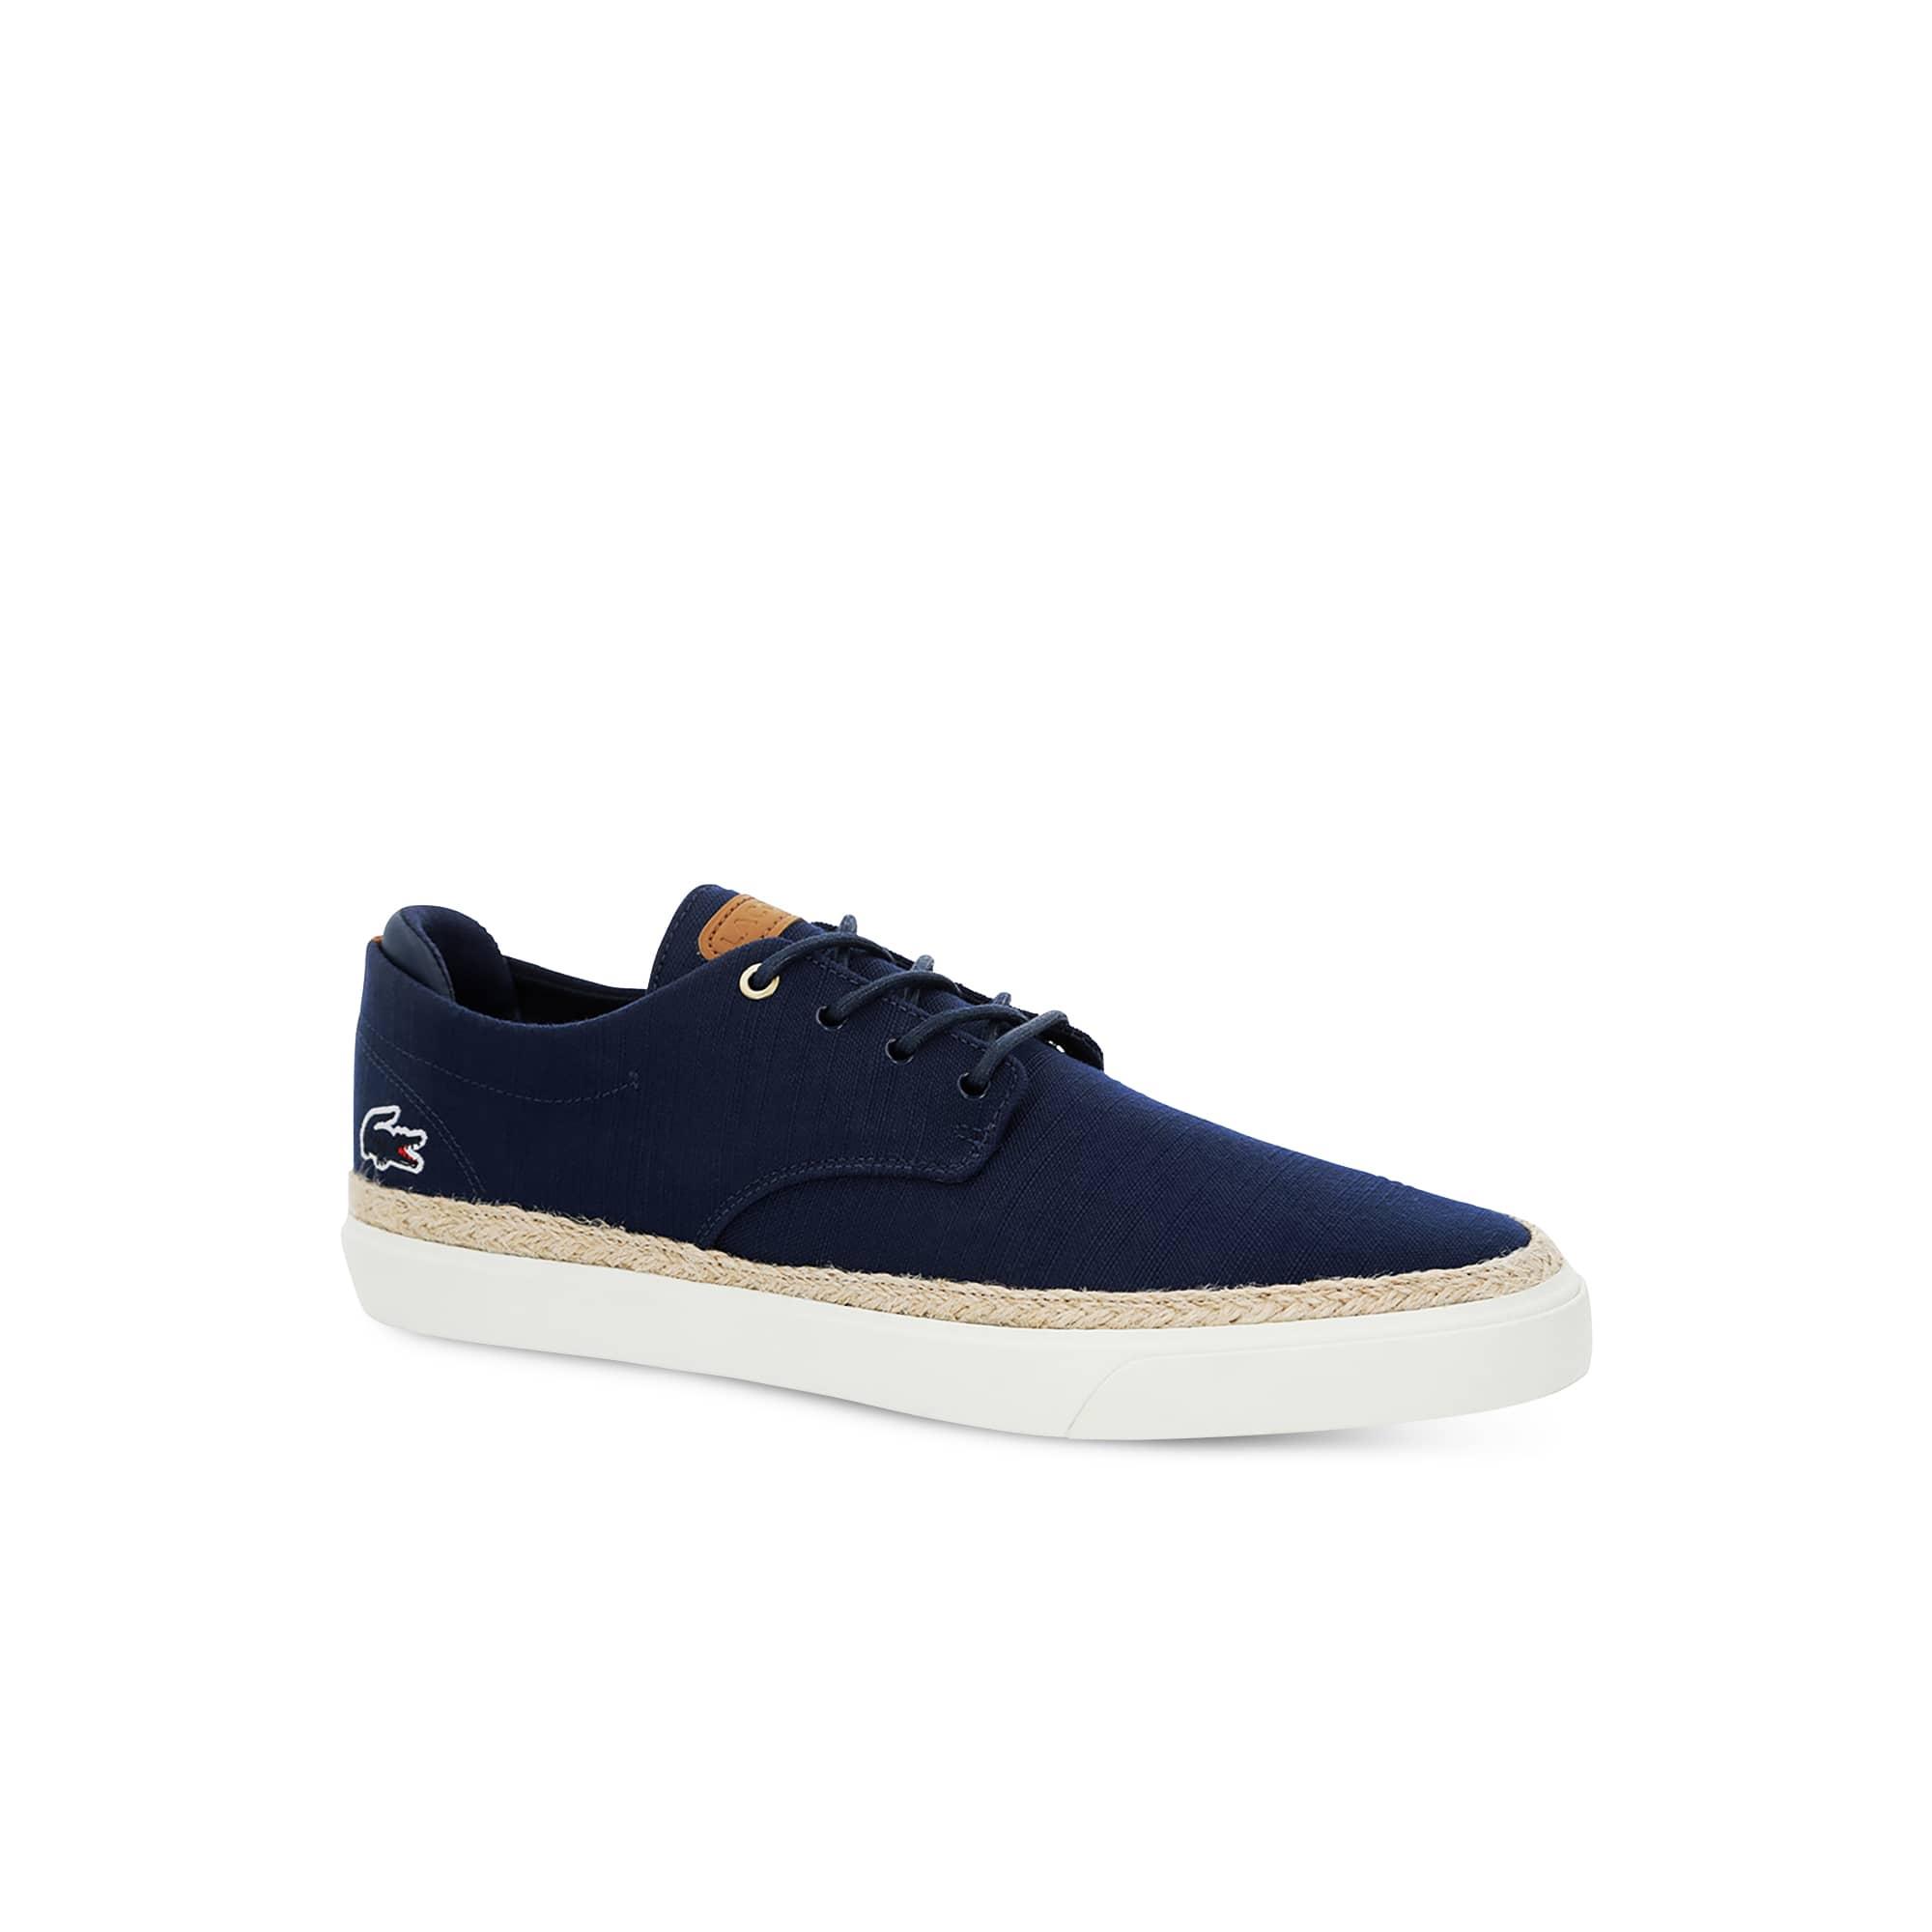 819a99fef21ea Men's Shoes | Shoes for Men | LACOSTE